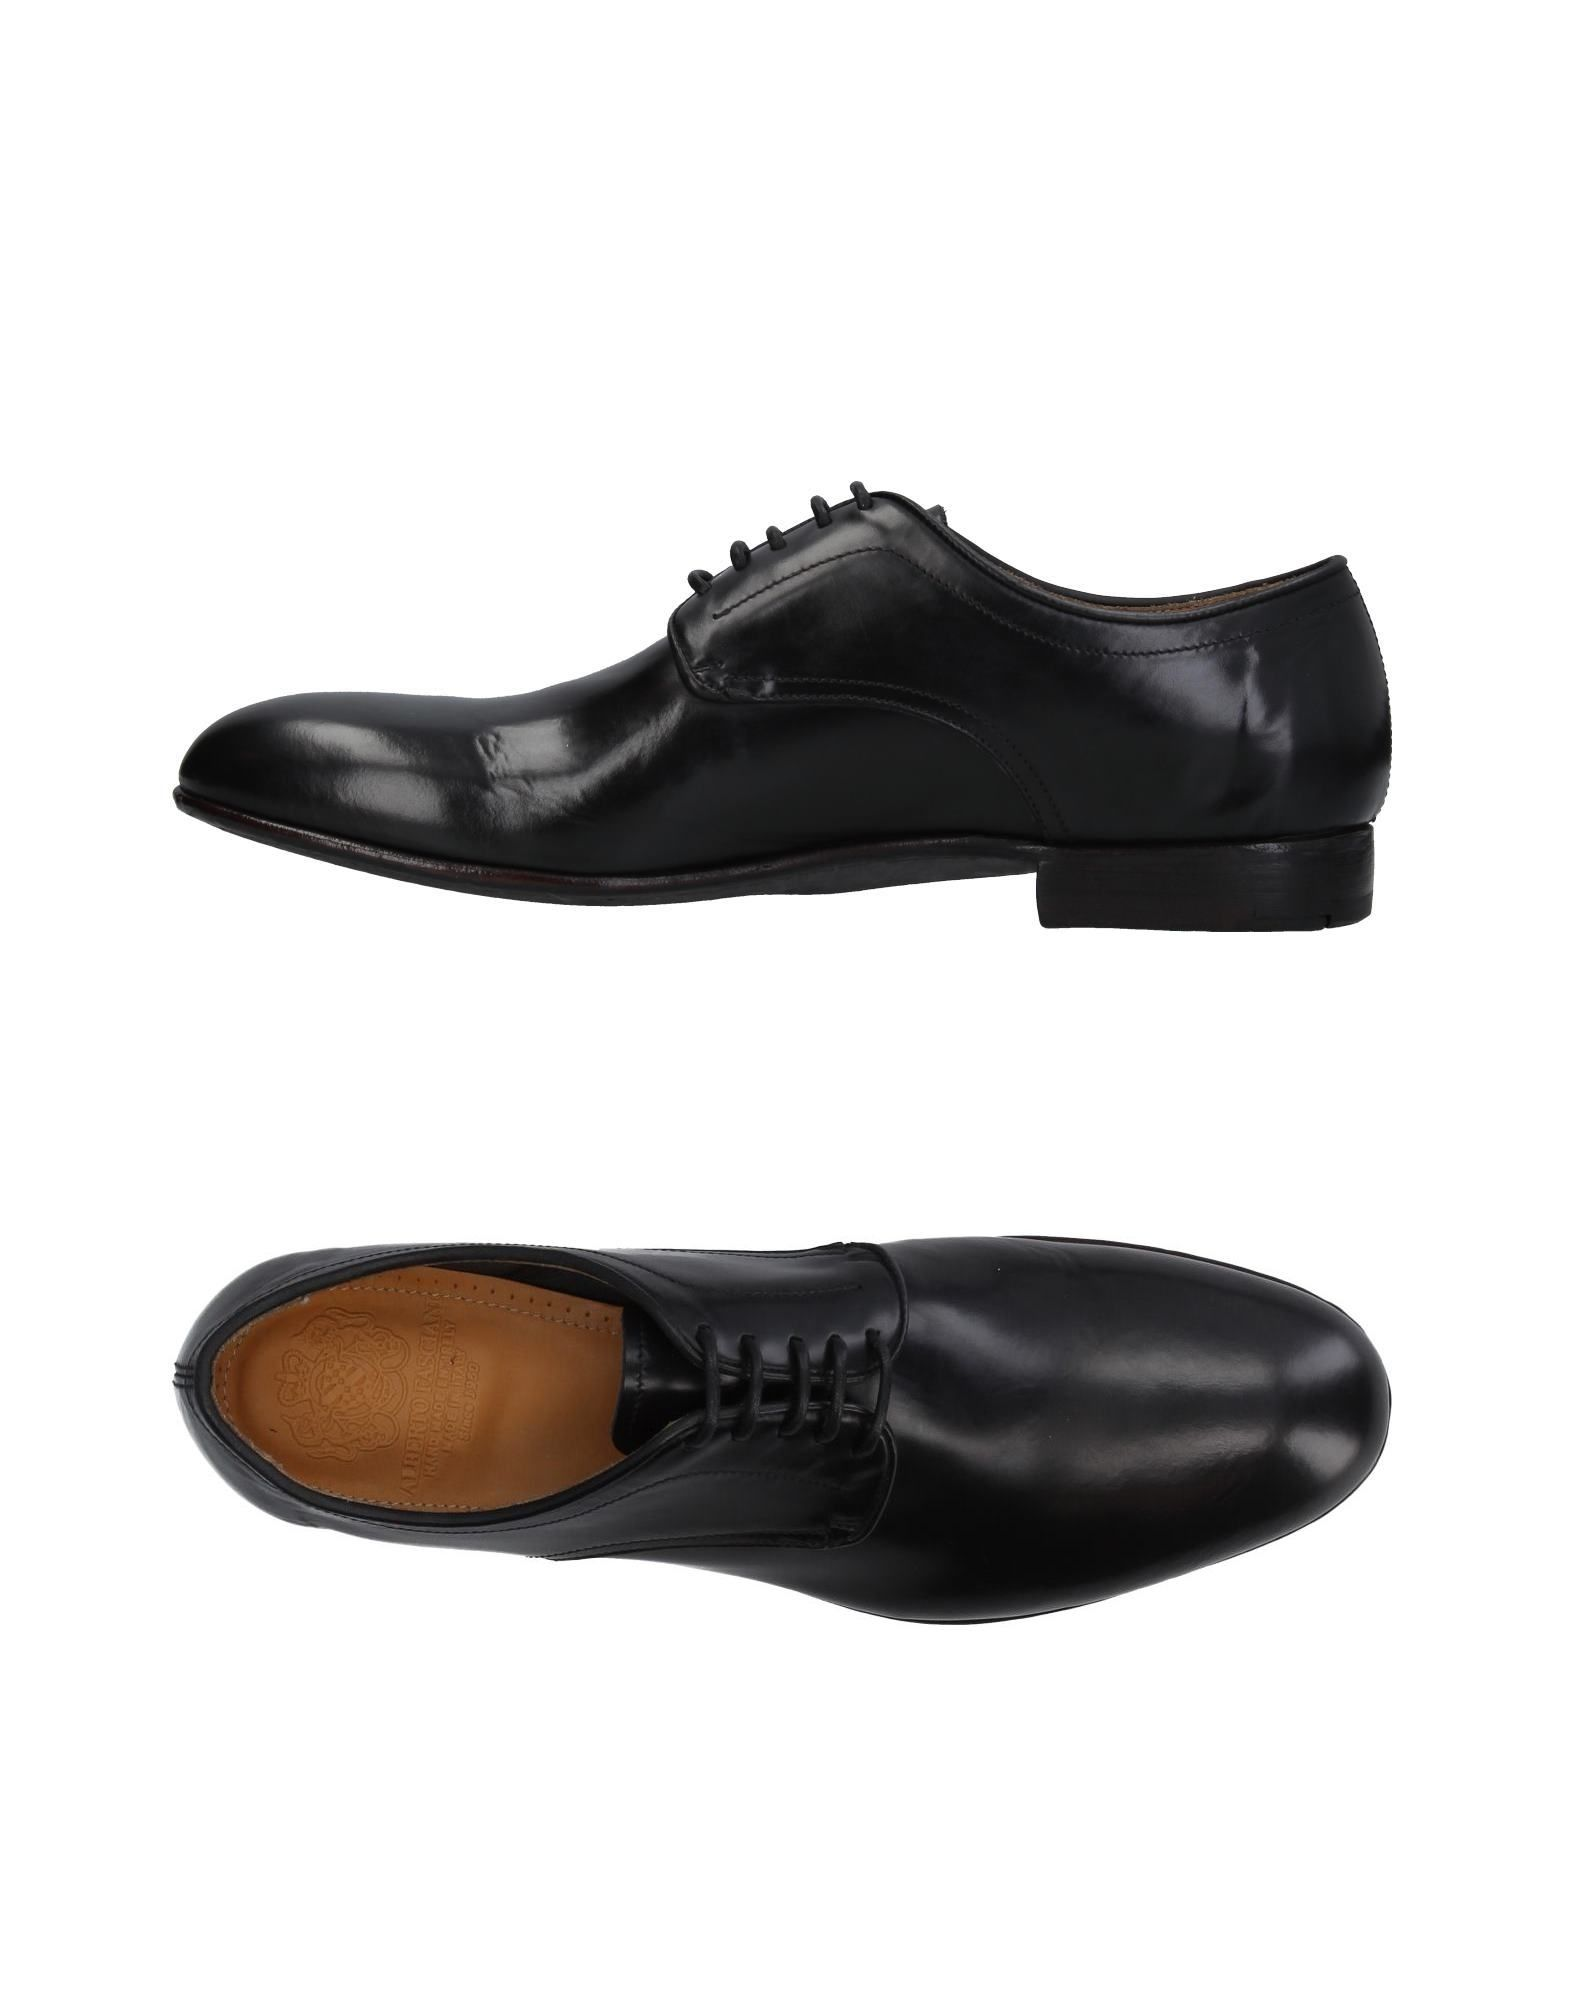 Alberto Fasciani Schnürschuhe Herren  11387378SX Gute Qualität beliebte Schuhe